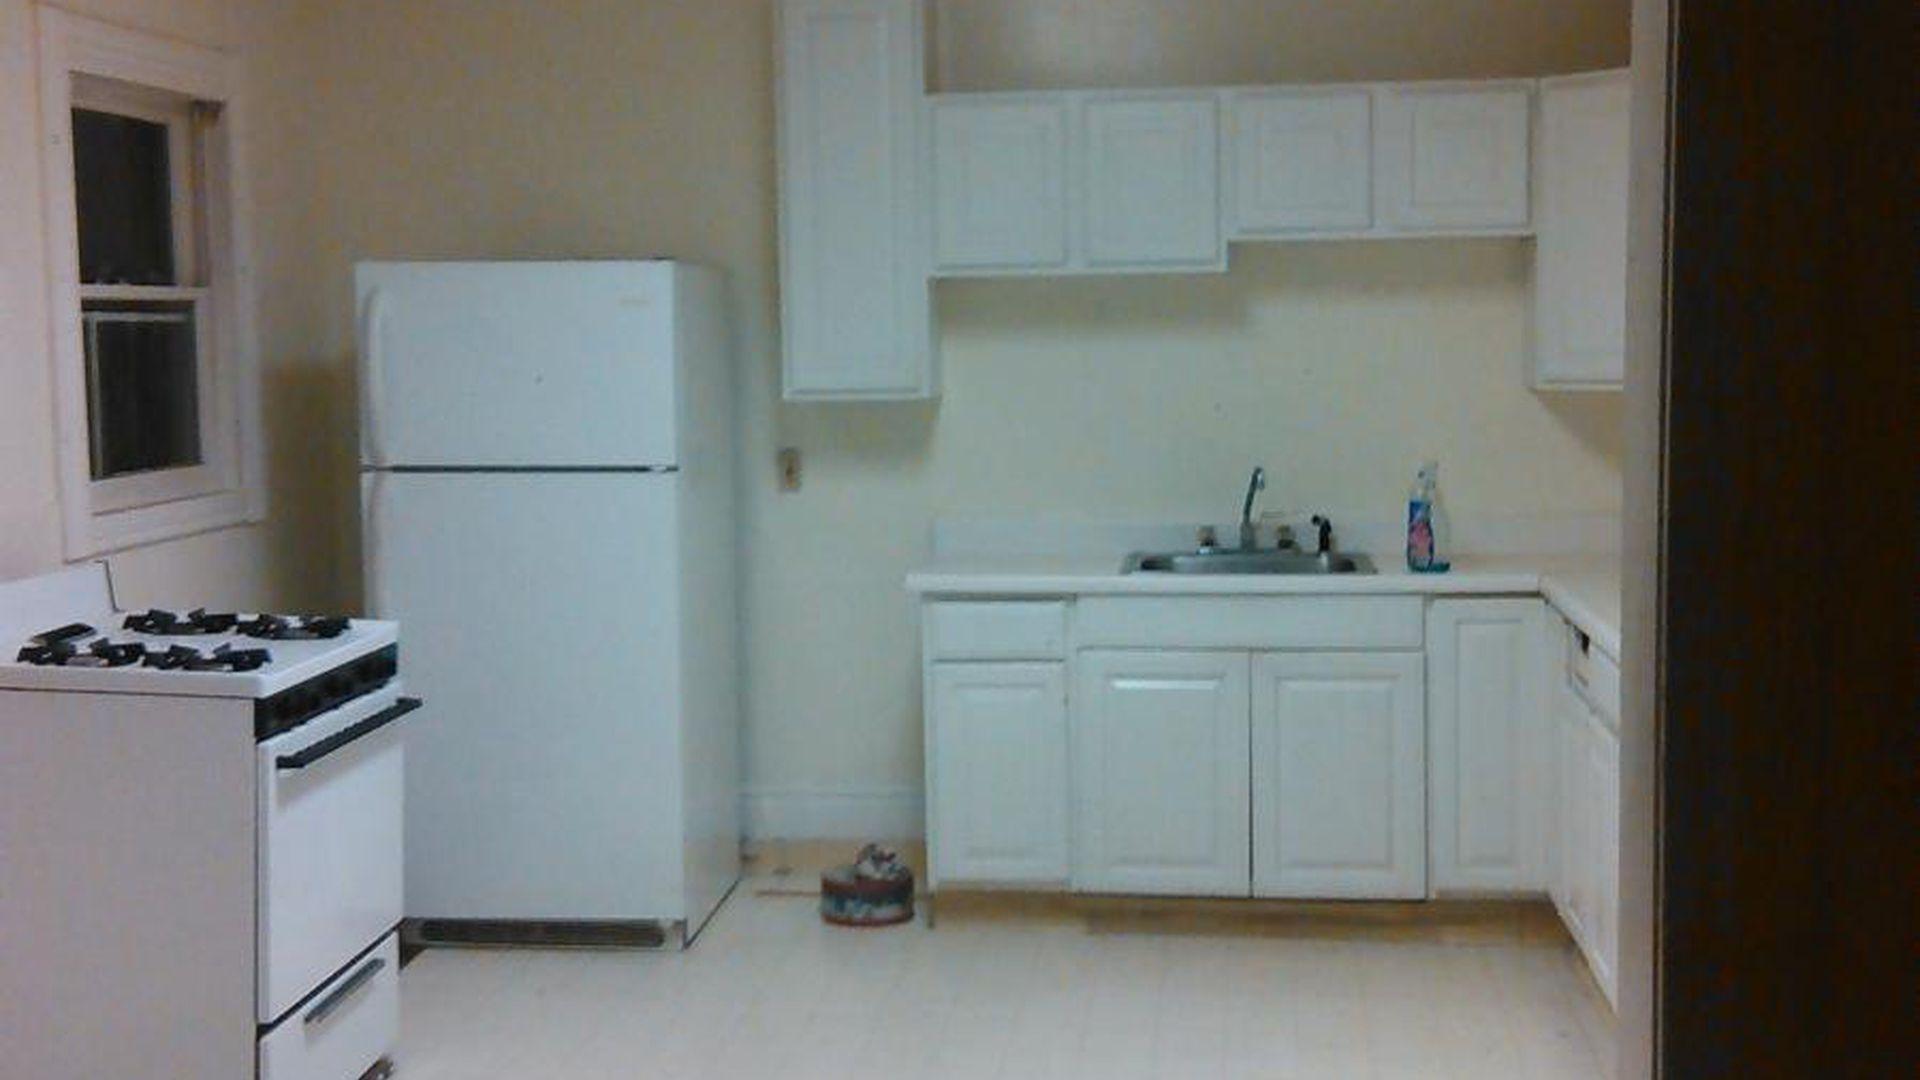 Craigslist Kitchen Cabinets Syracuse Ny | Wow Blog